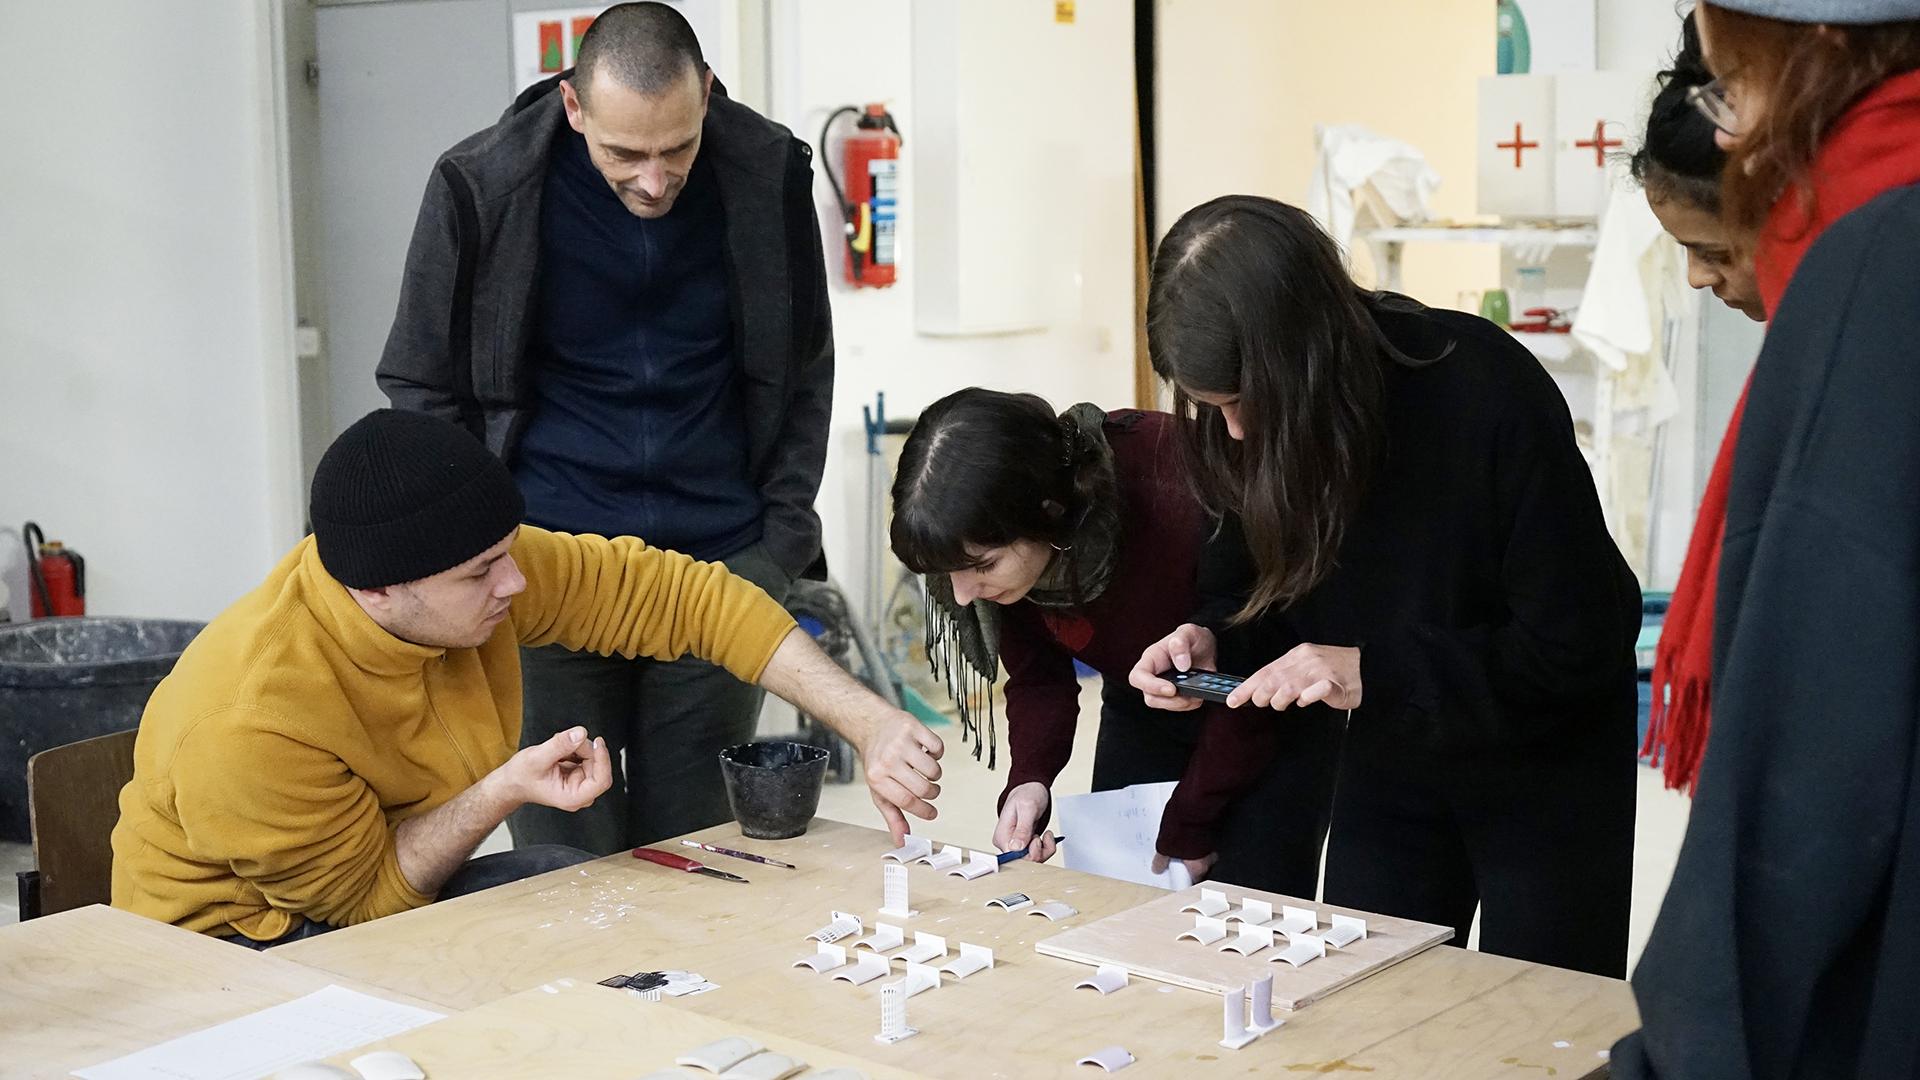 Seminarteilnehmer bei der Begutachtung der Glasurtests in der Keramikwerkstatt der Kunsthochschule Kassel